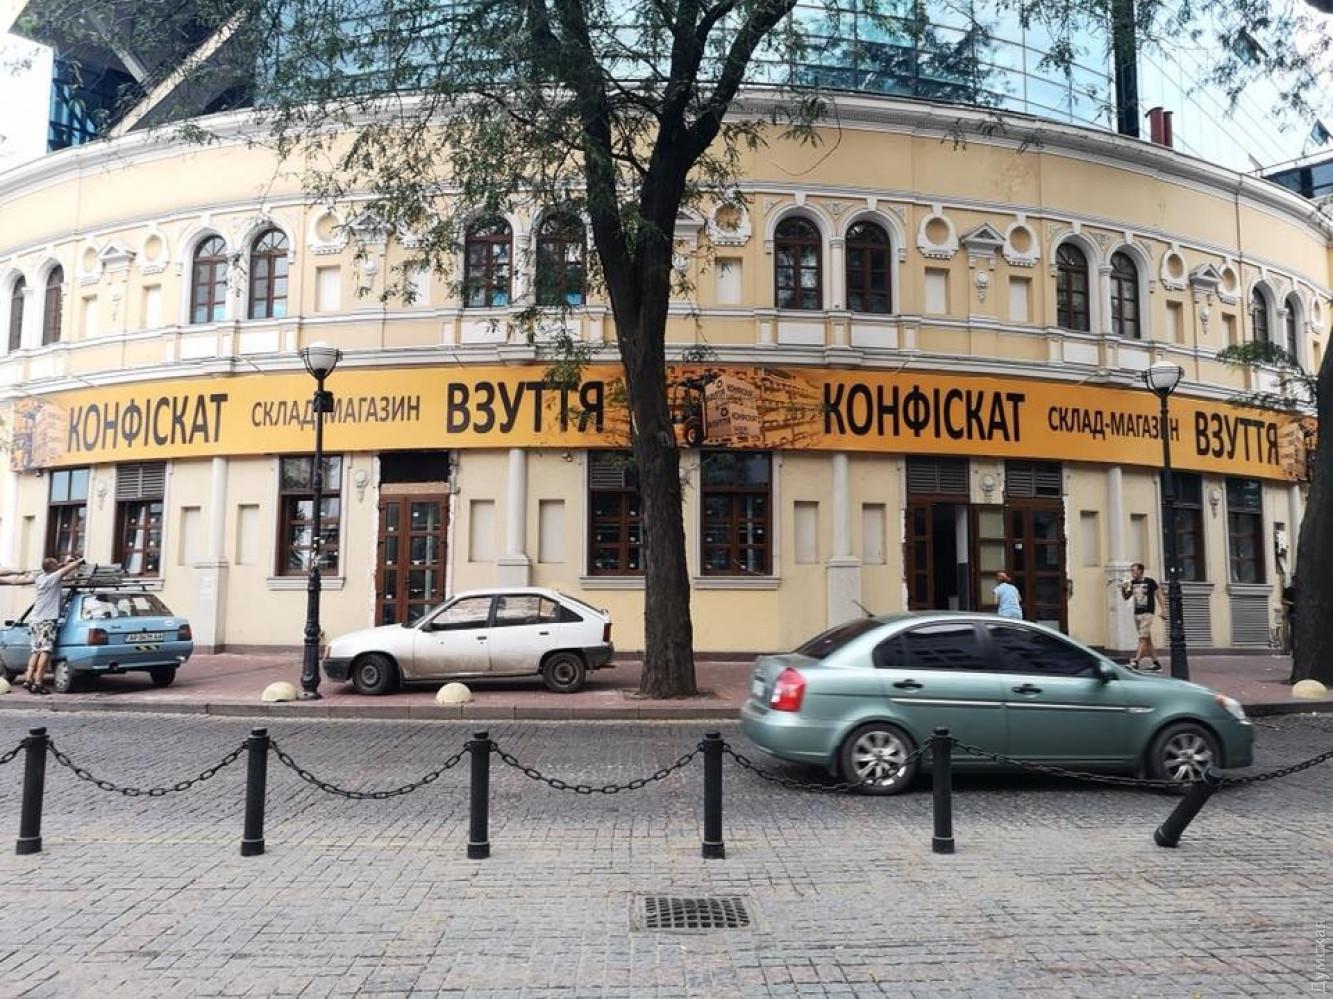 b7b8518c588c Круглый дом на Греческой «украсили» огромной вывеской склада ...